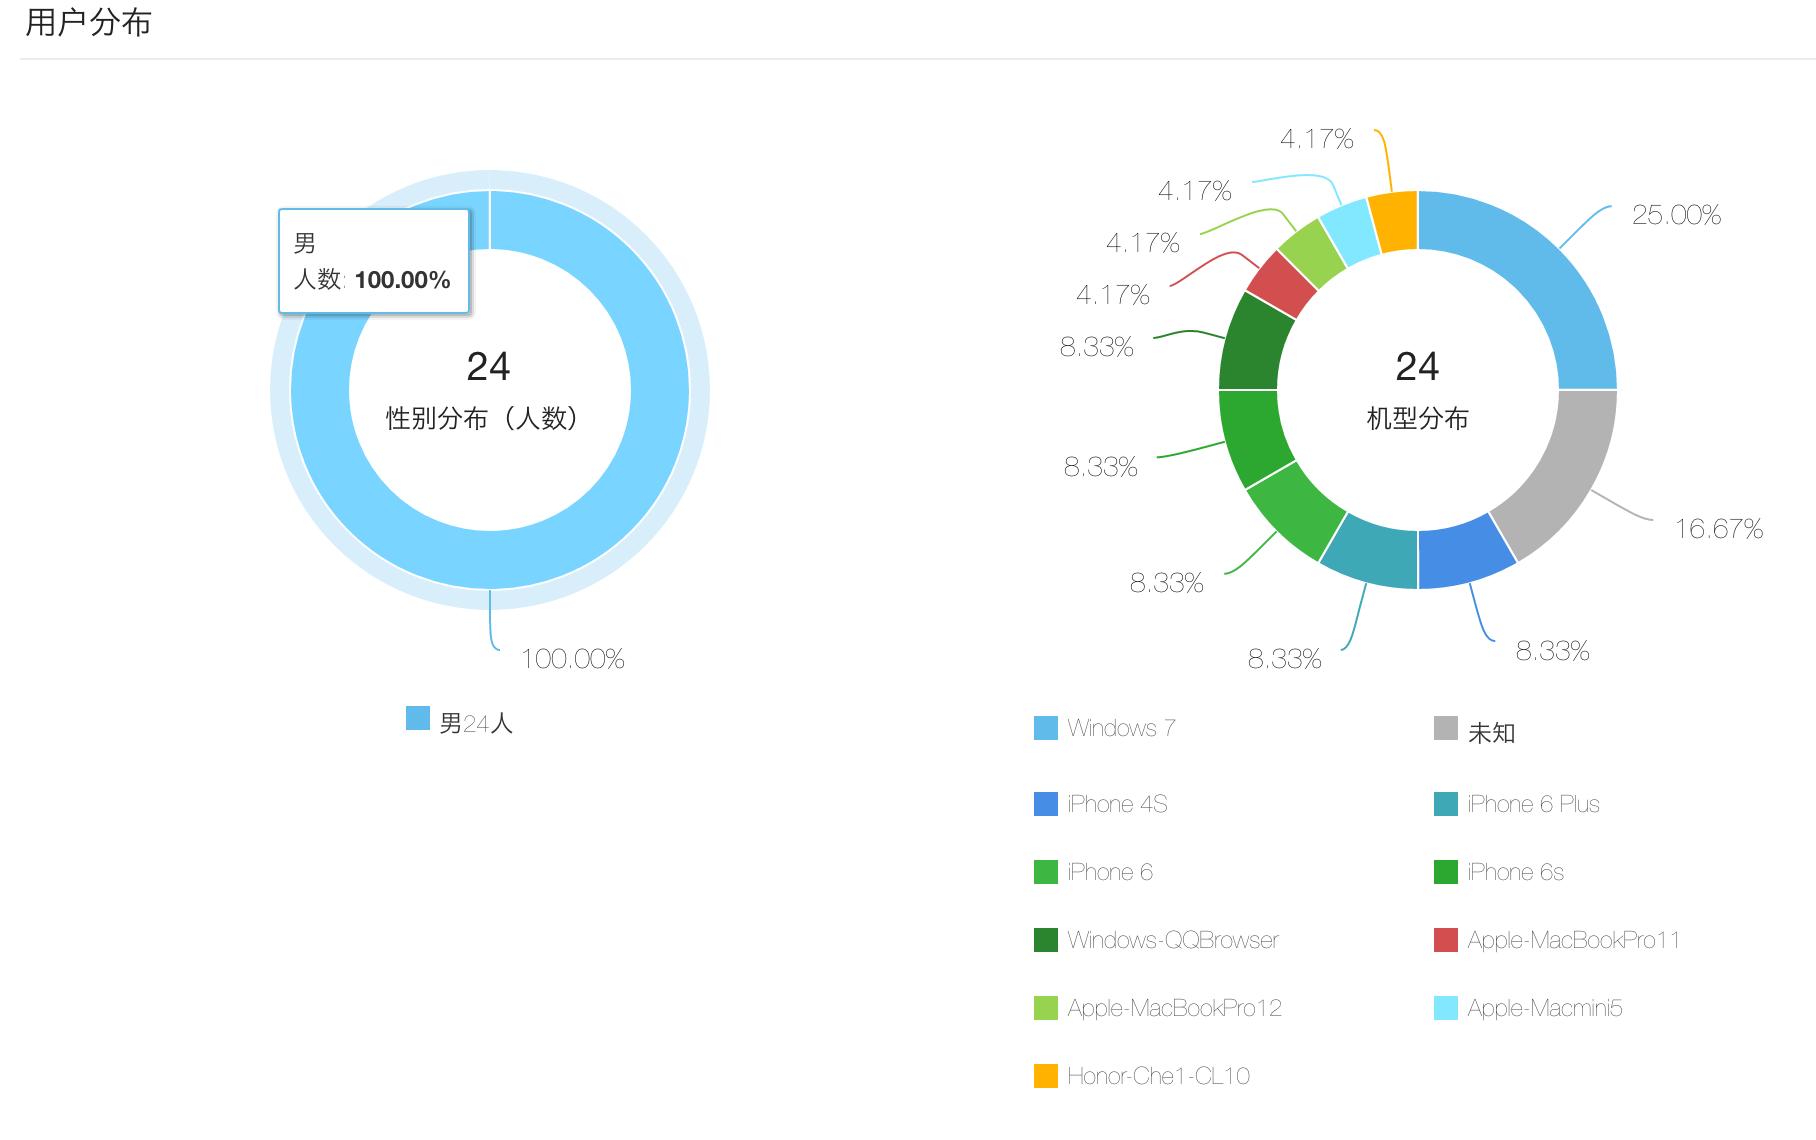 用户分析-终端类型